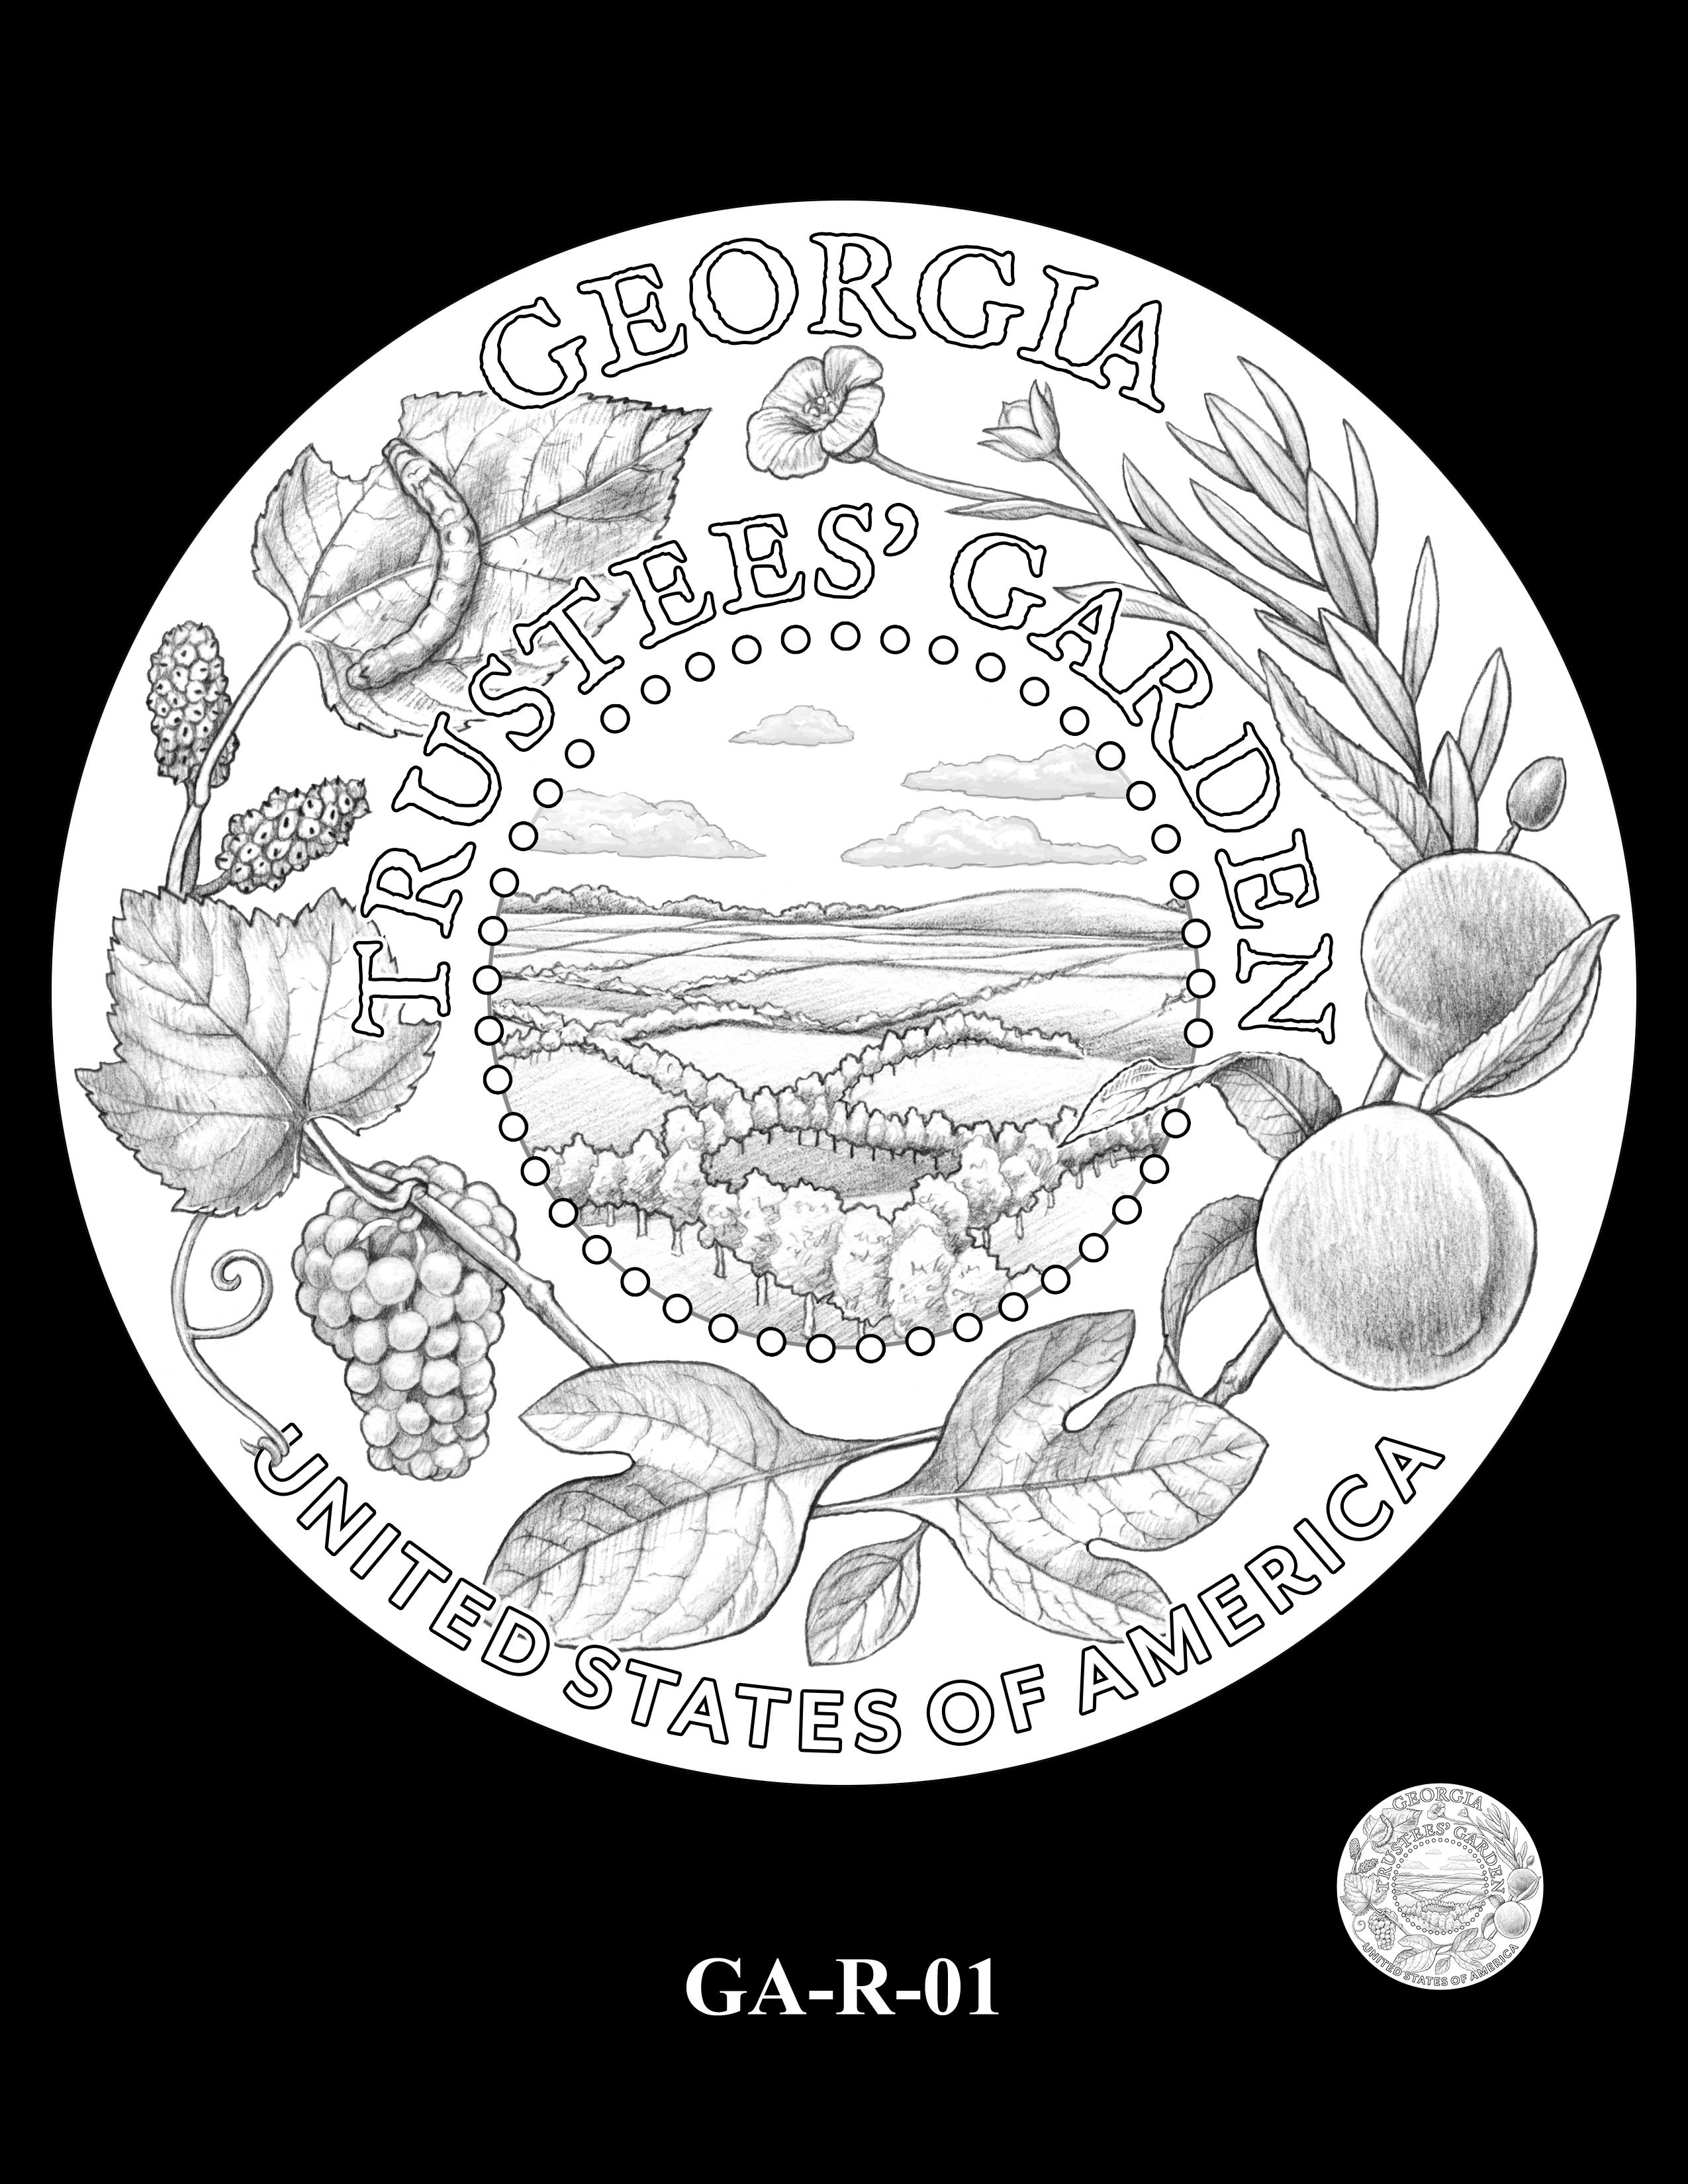 GA-R-01 -- 2019 American Innovation $1 Coin Program